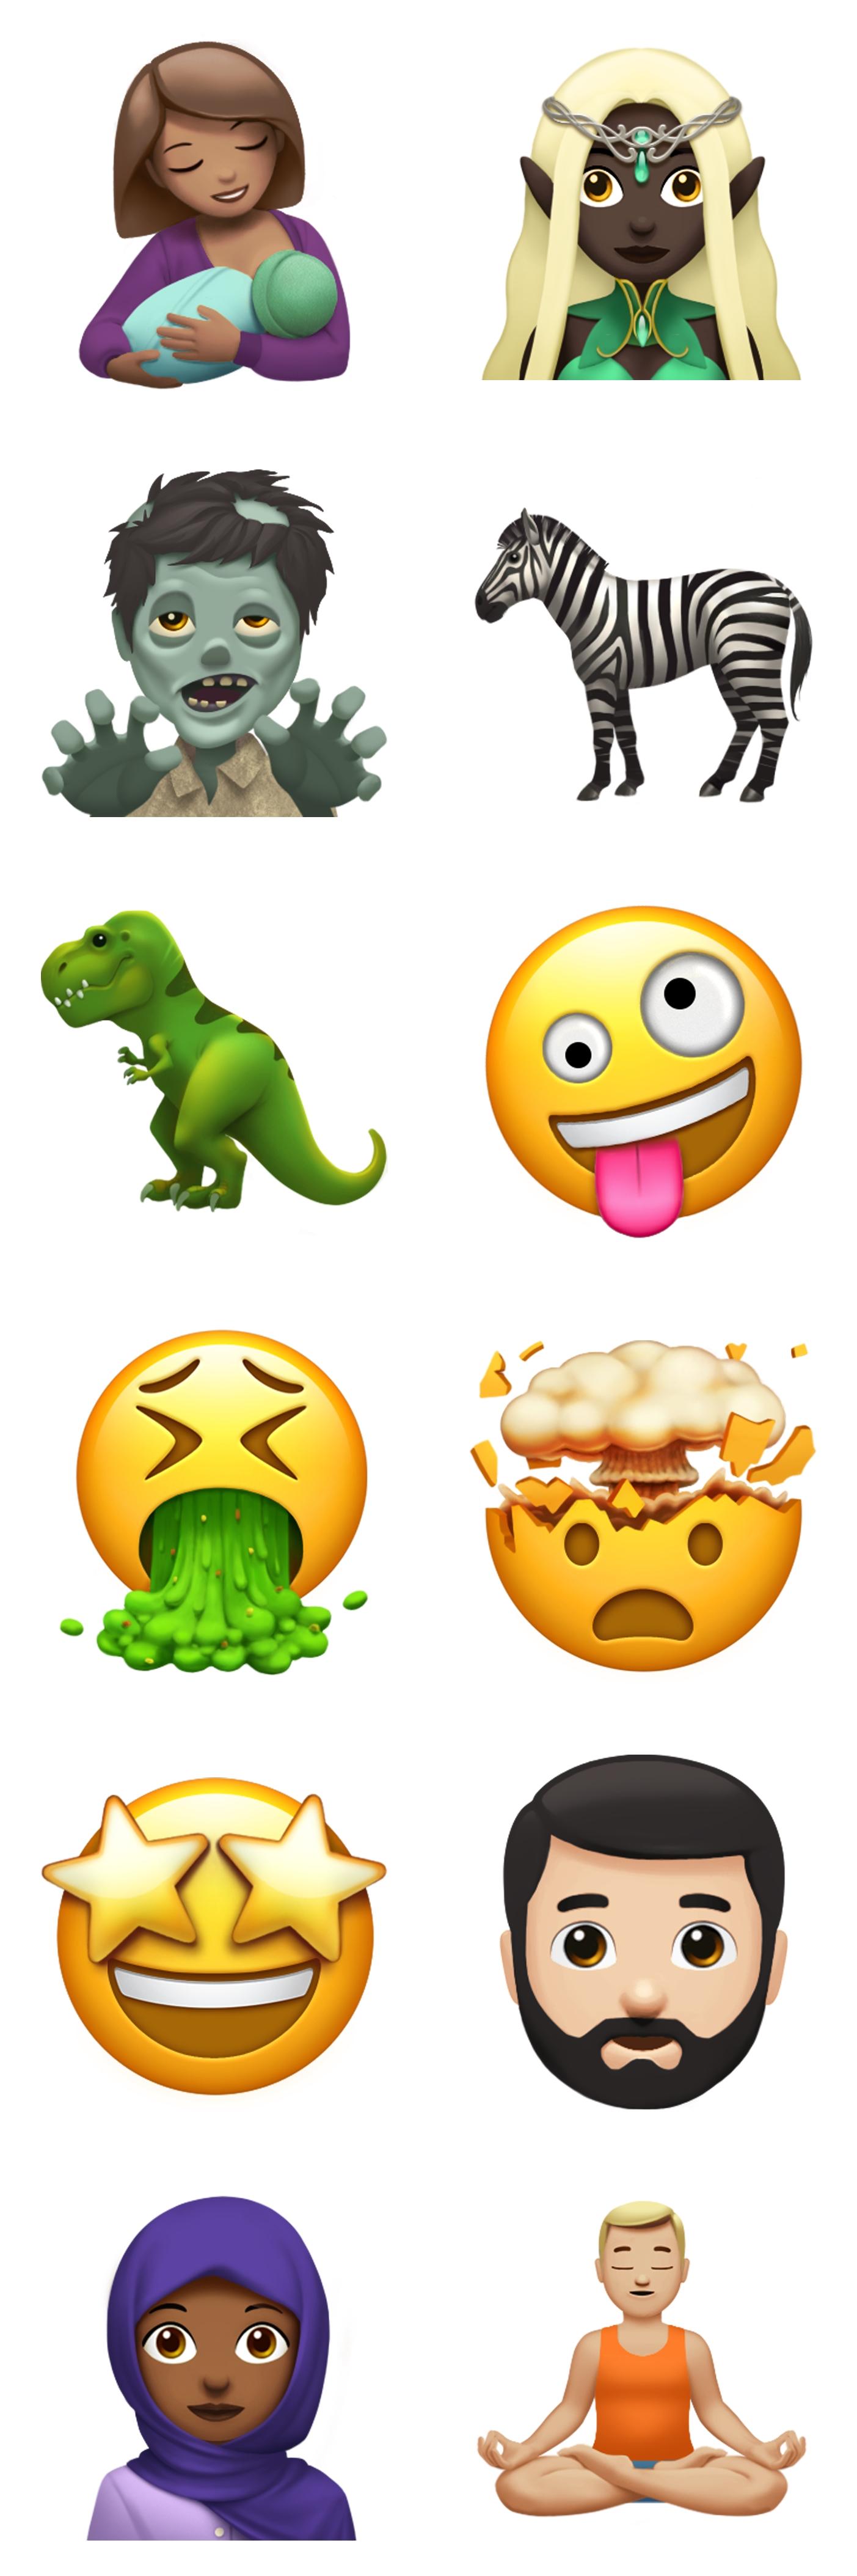 ios 11 emoji iPhone iPad